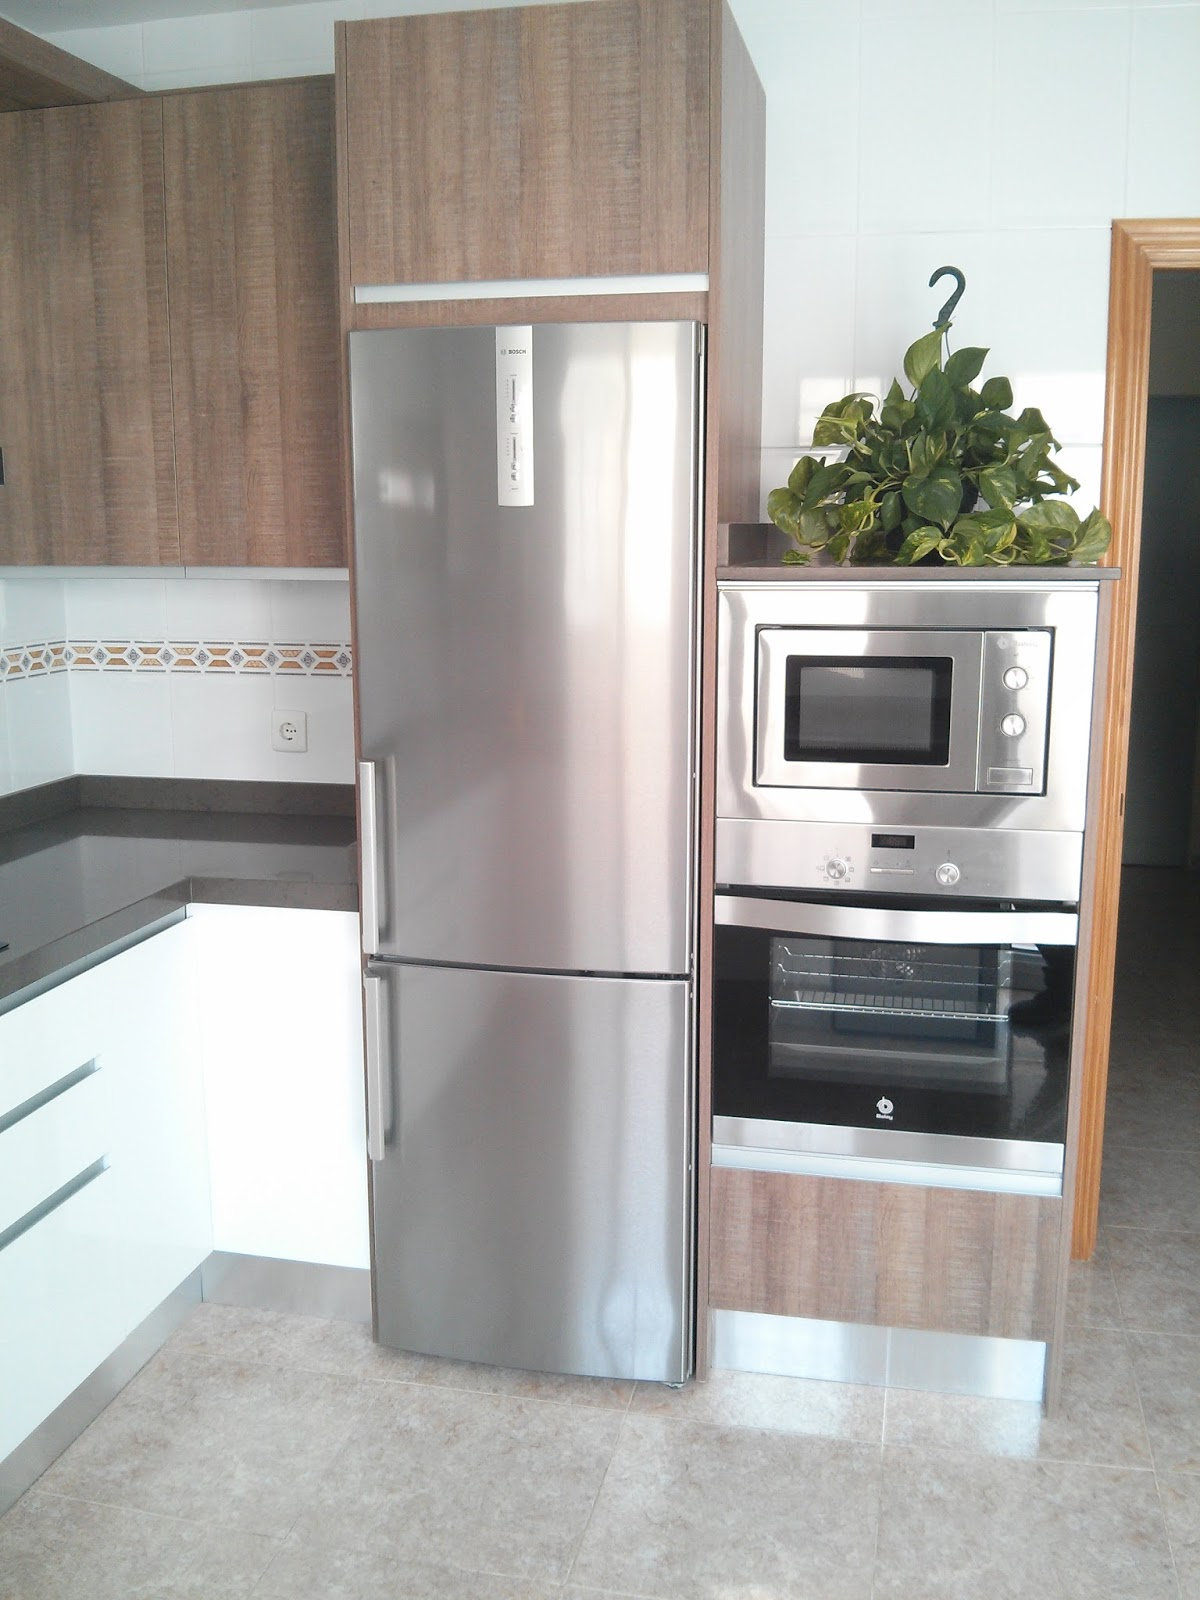 Carpinteria los molinos cocina con modelo de puerta - Modelos de puertas de cocina ...